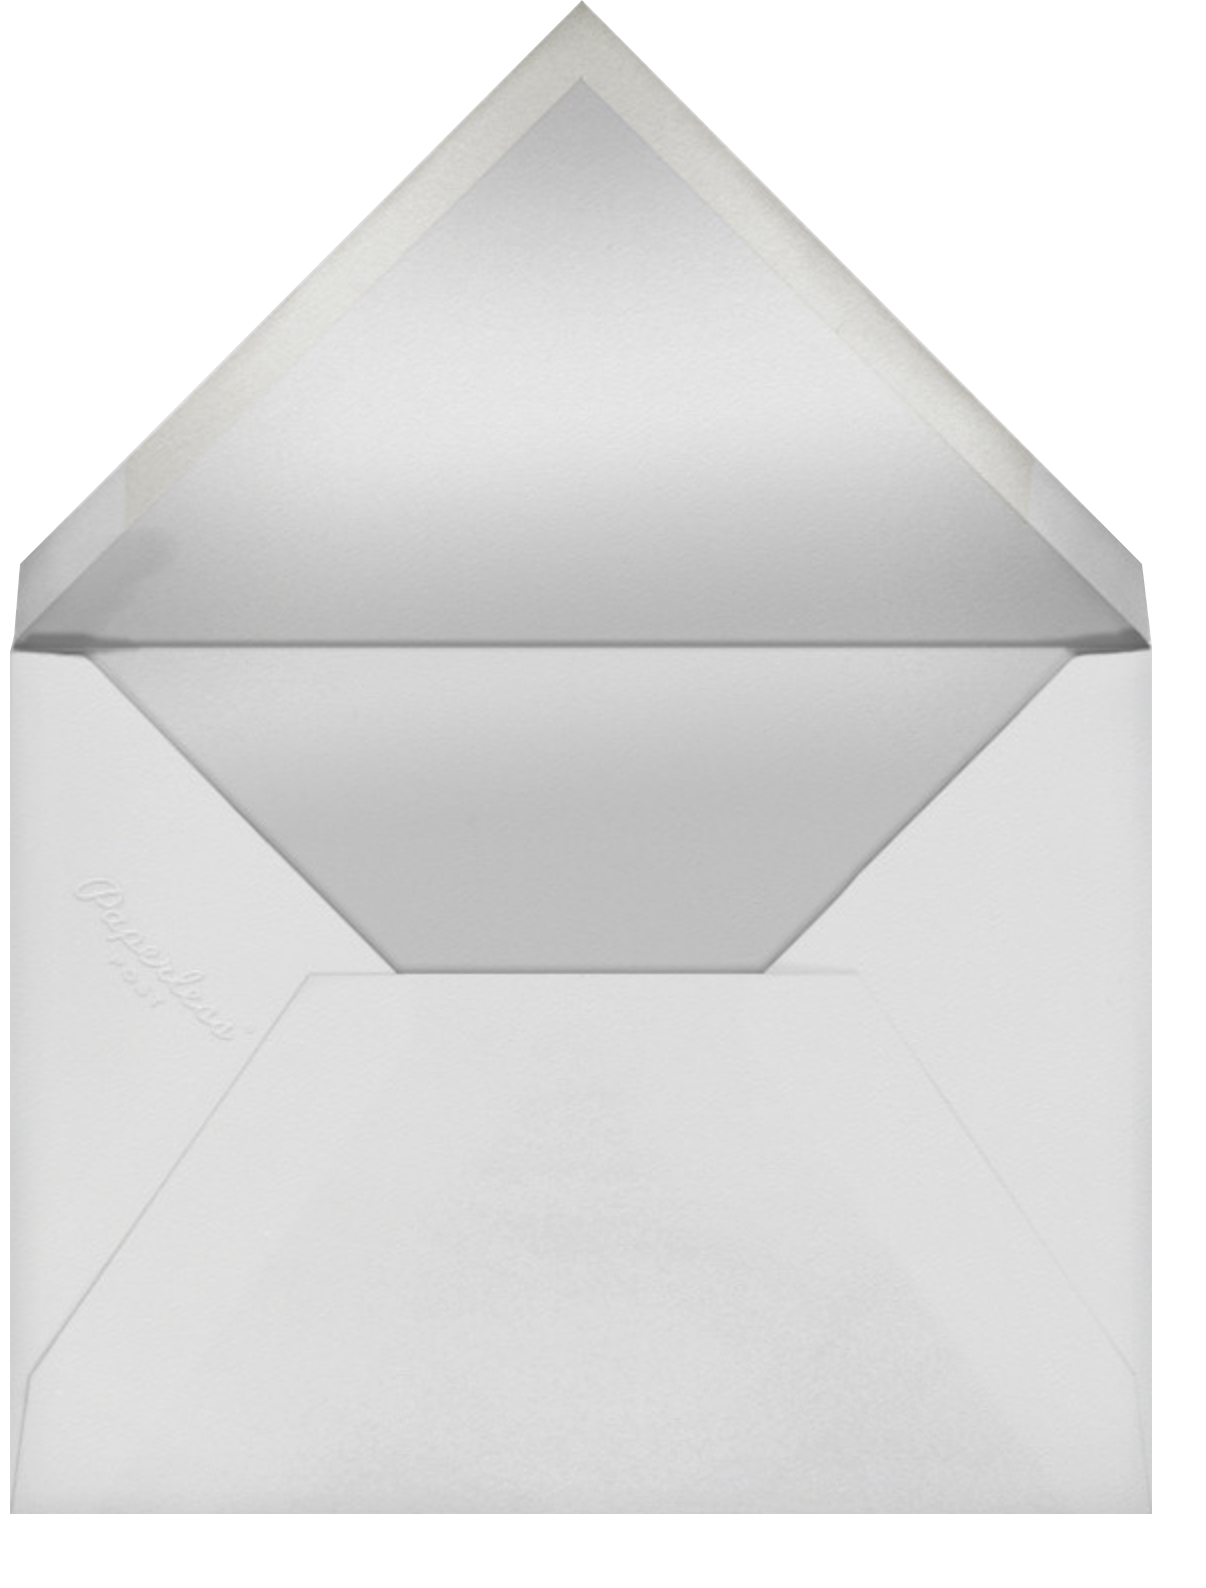 Rattan - Spring Rain - Paperless Post - Baby shower - envelope back